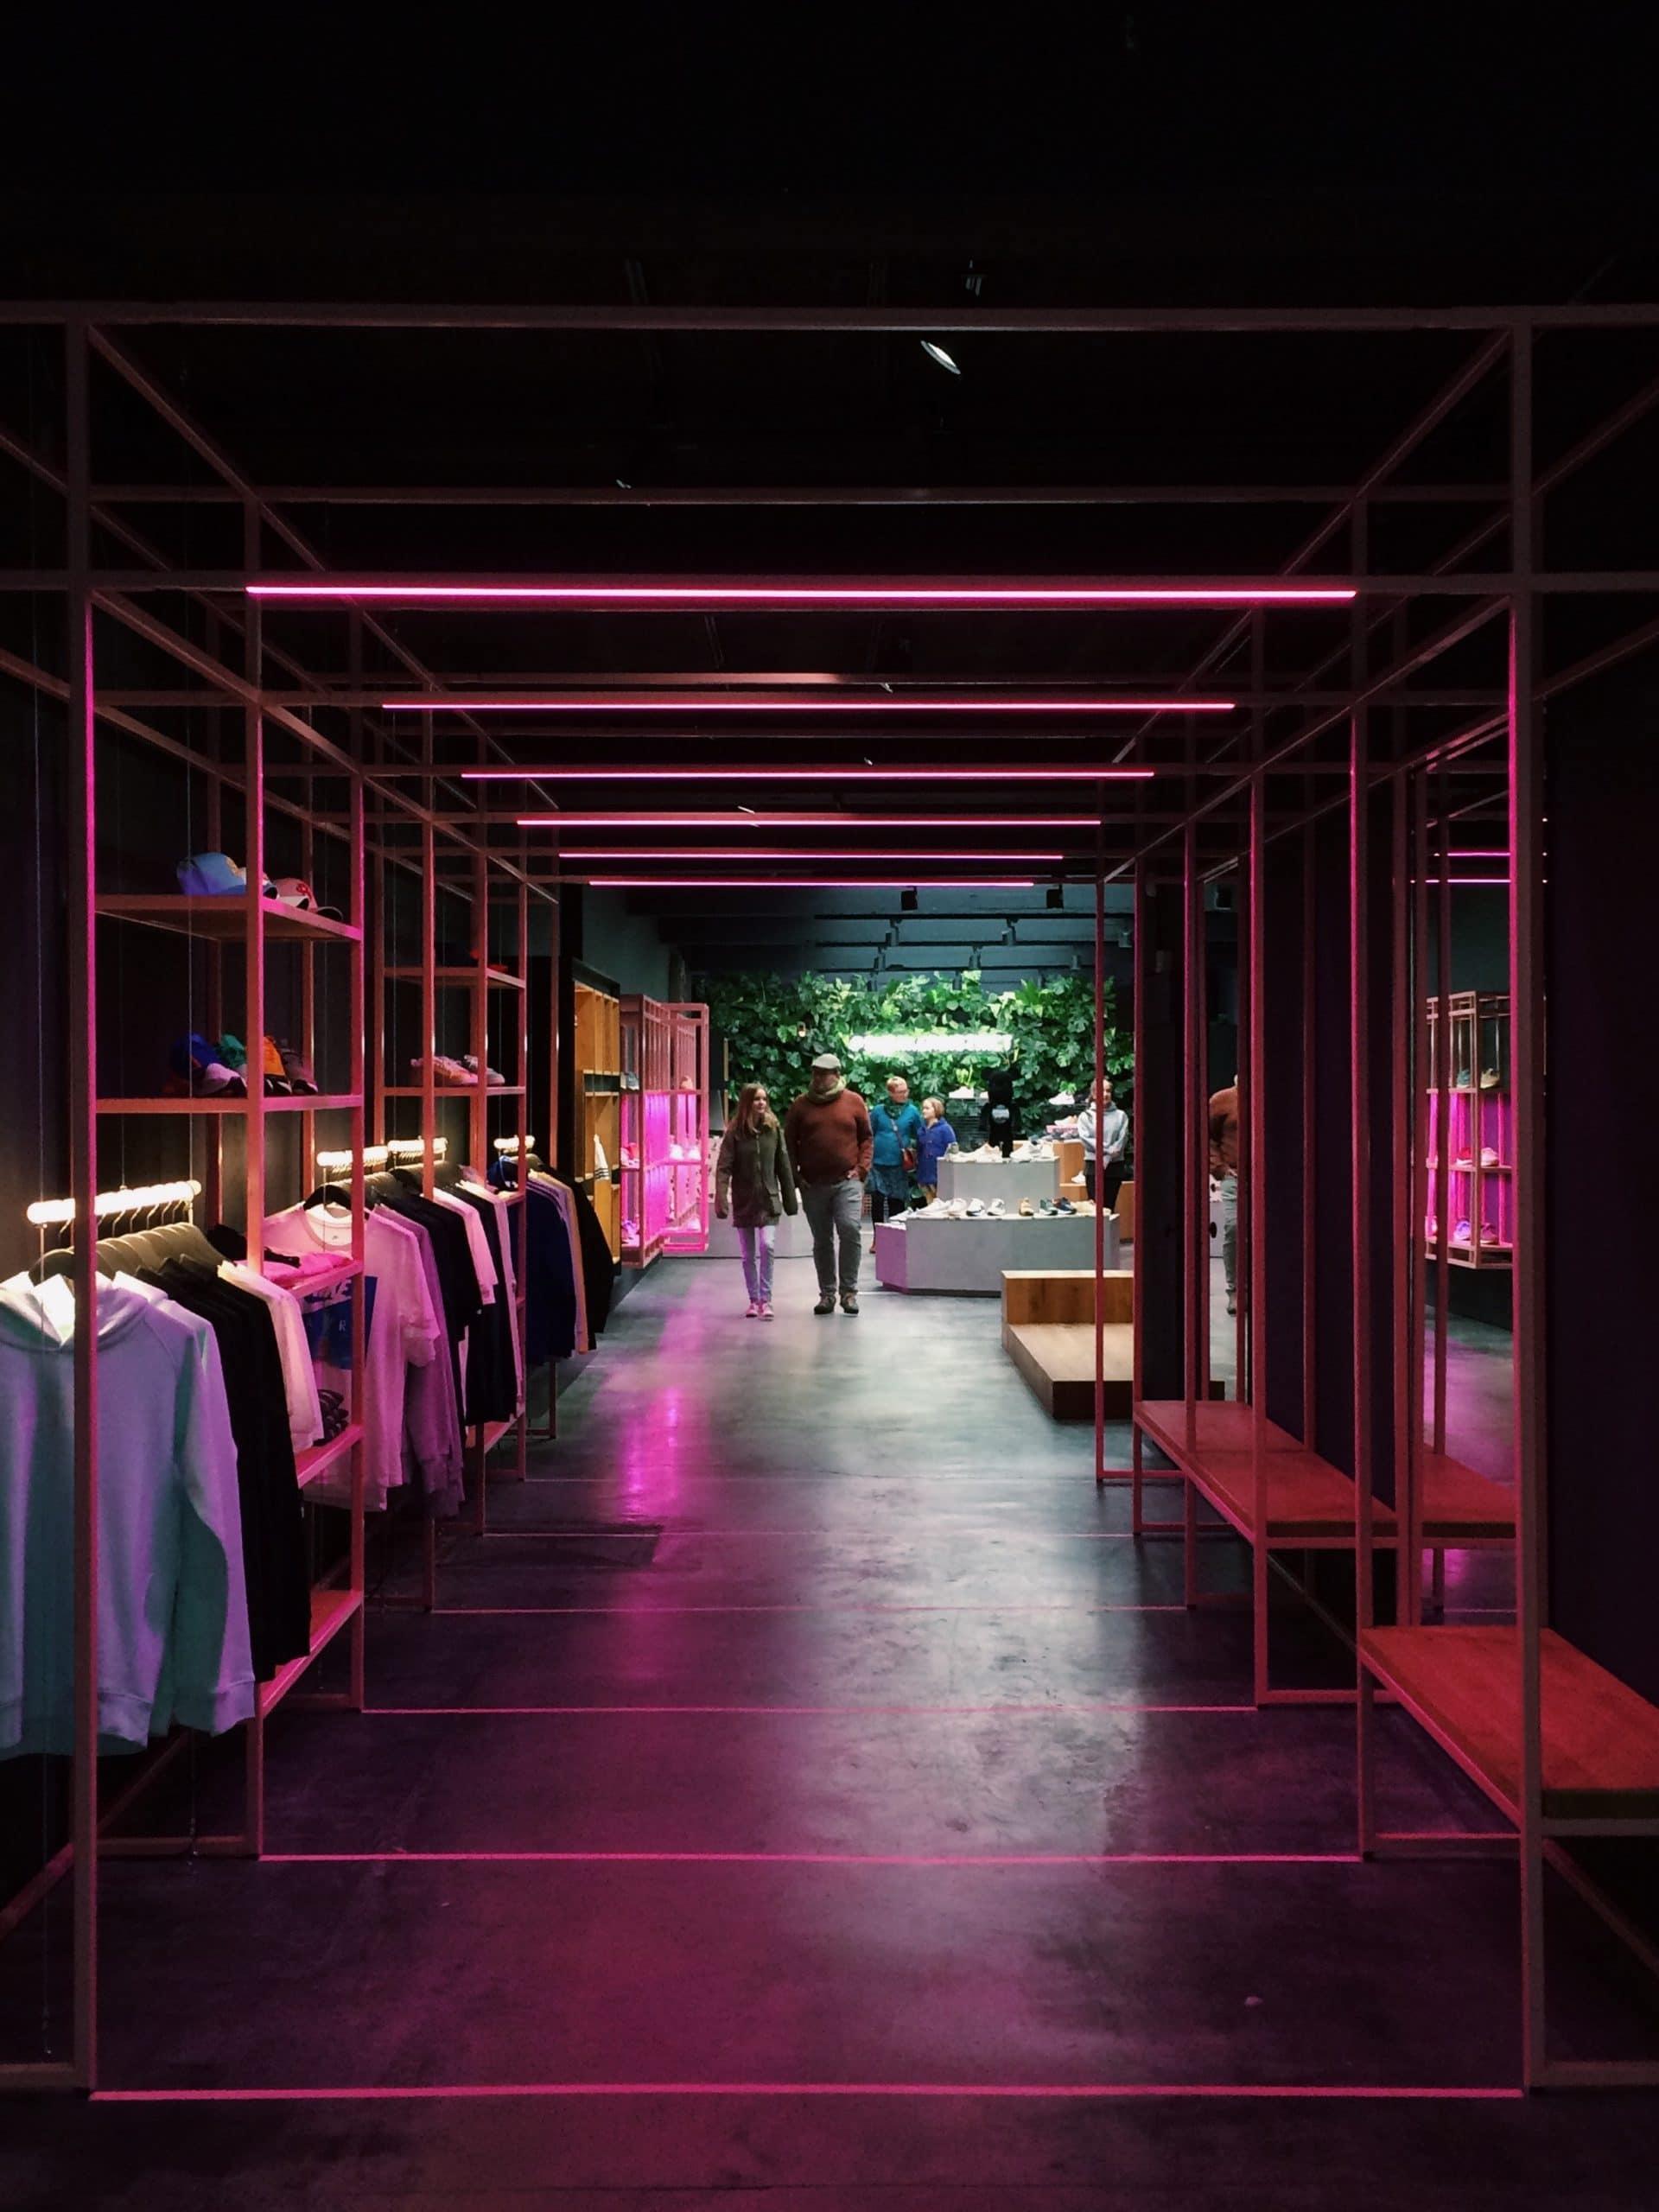 Comment choisir un local commercial qui profitera à votre entreprise?